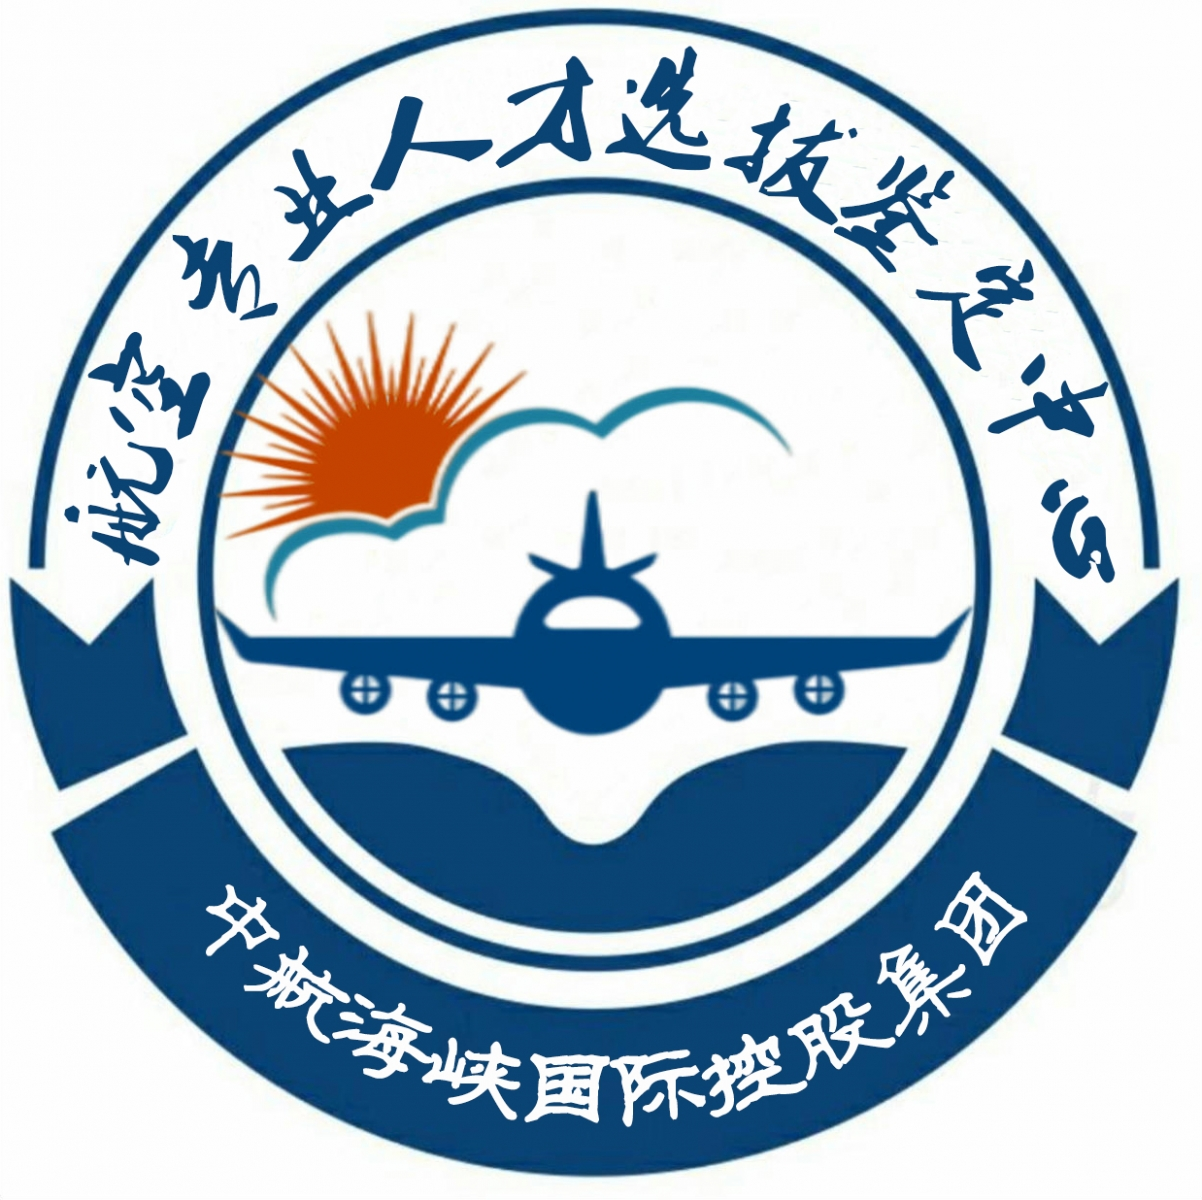 中航海峡国际控股有限公司鞍山分公司